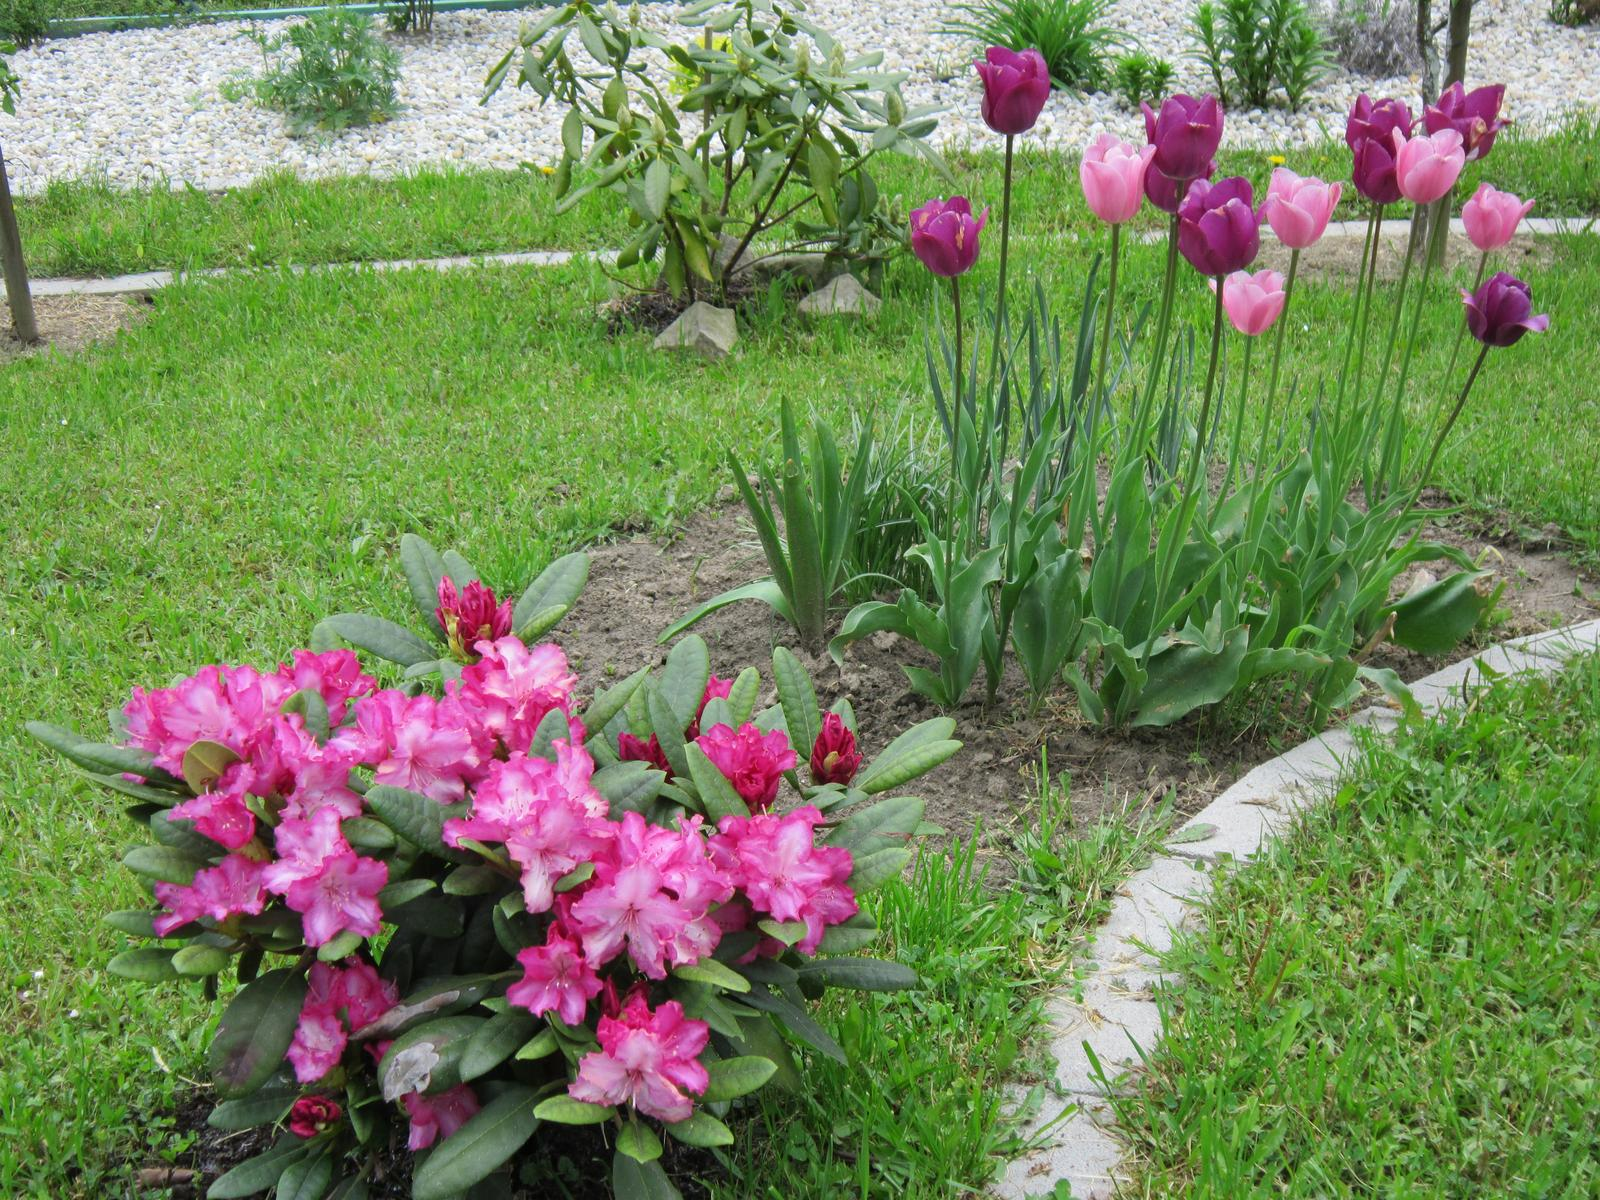 Moja záhrada...ako šiel čas - Obrázok č. 42